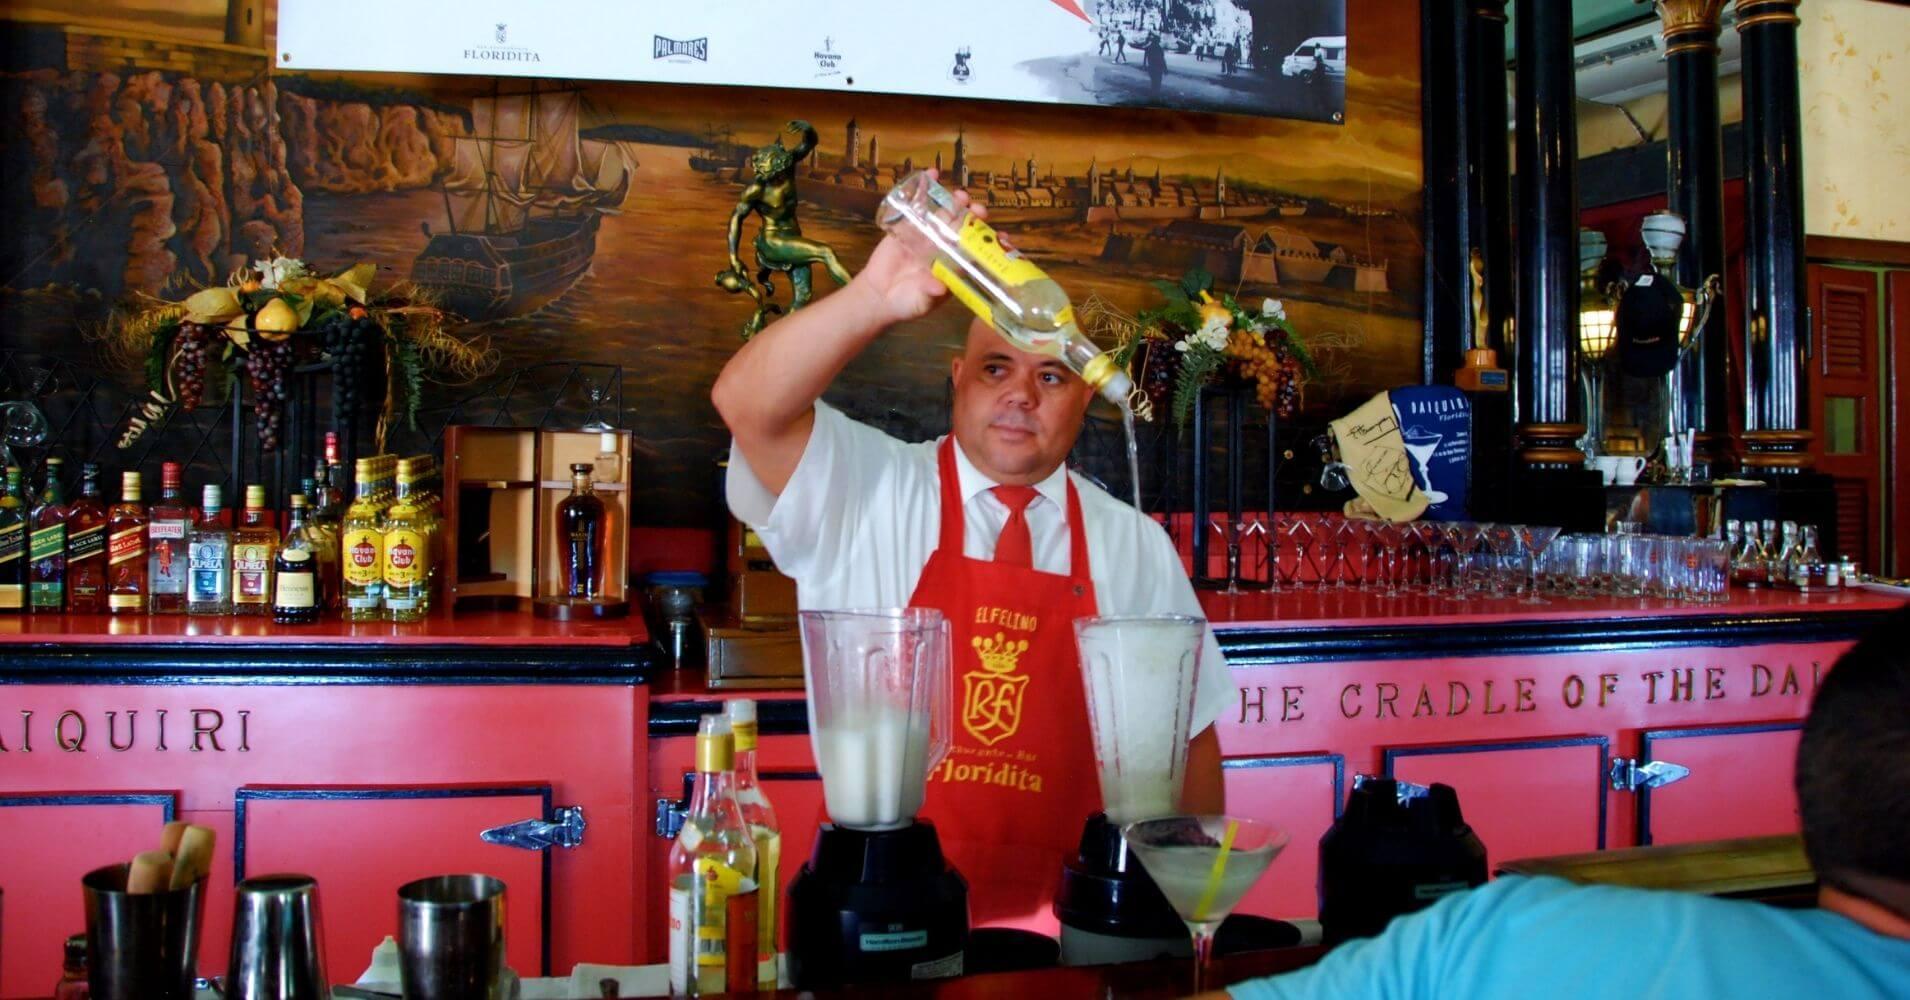 Preparación del Cóctel Daiquiri en La Floridita. La Habana, Cuba.